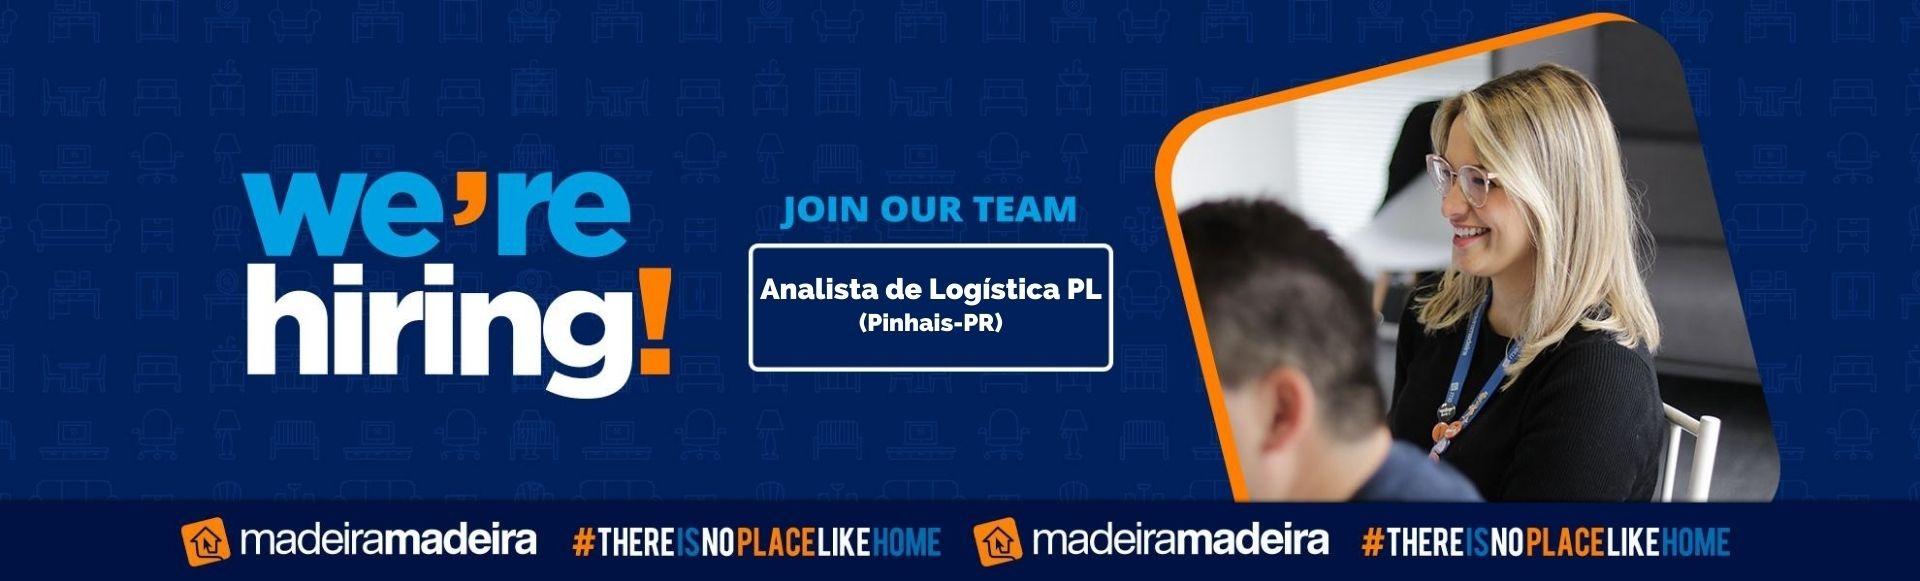 Analista de Logística PL (Pinhais-PR)